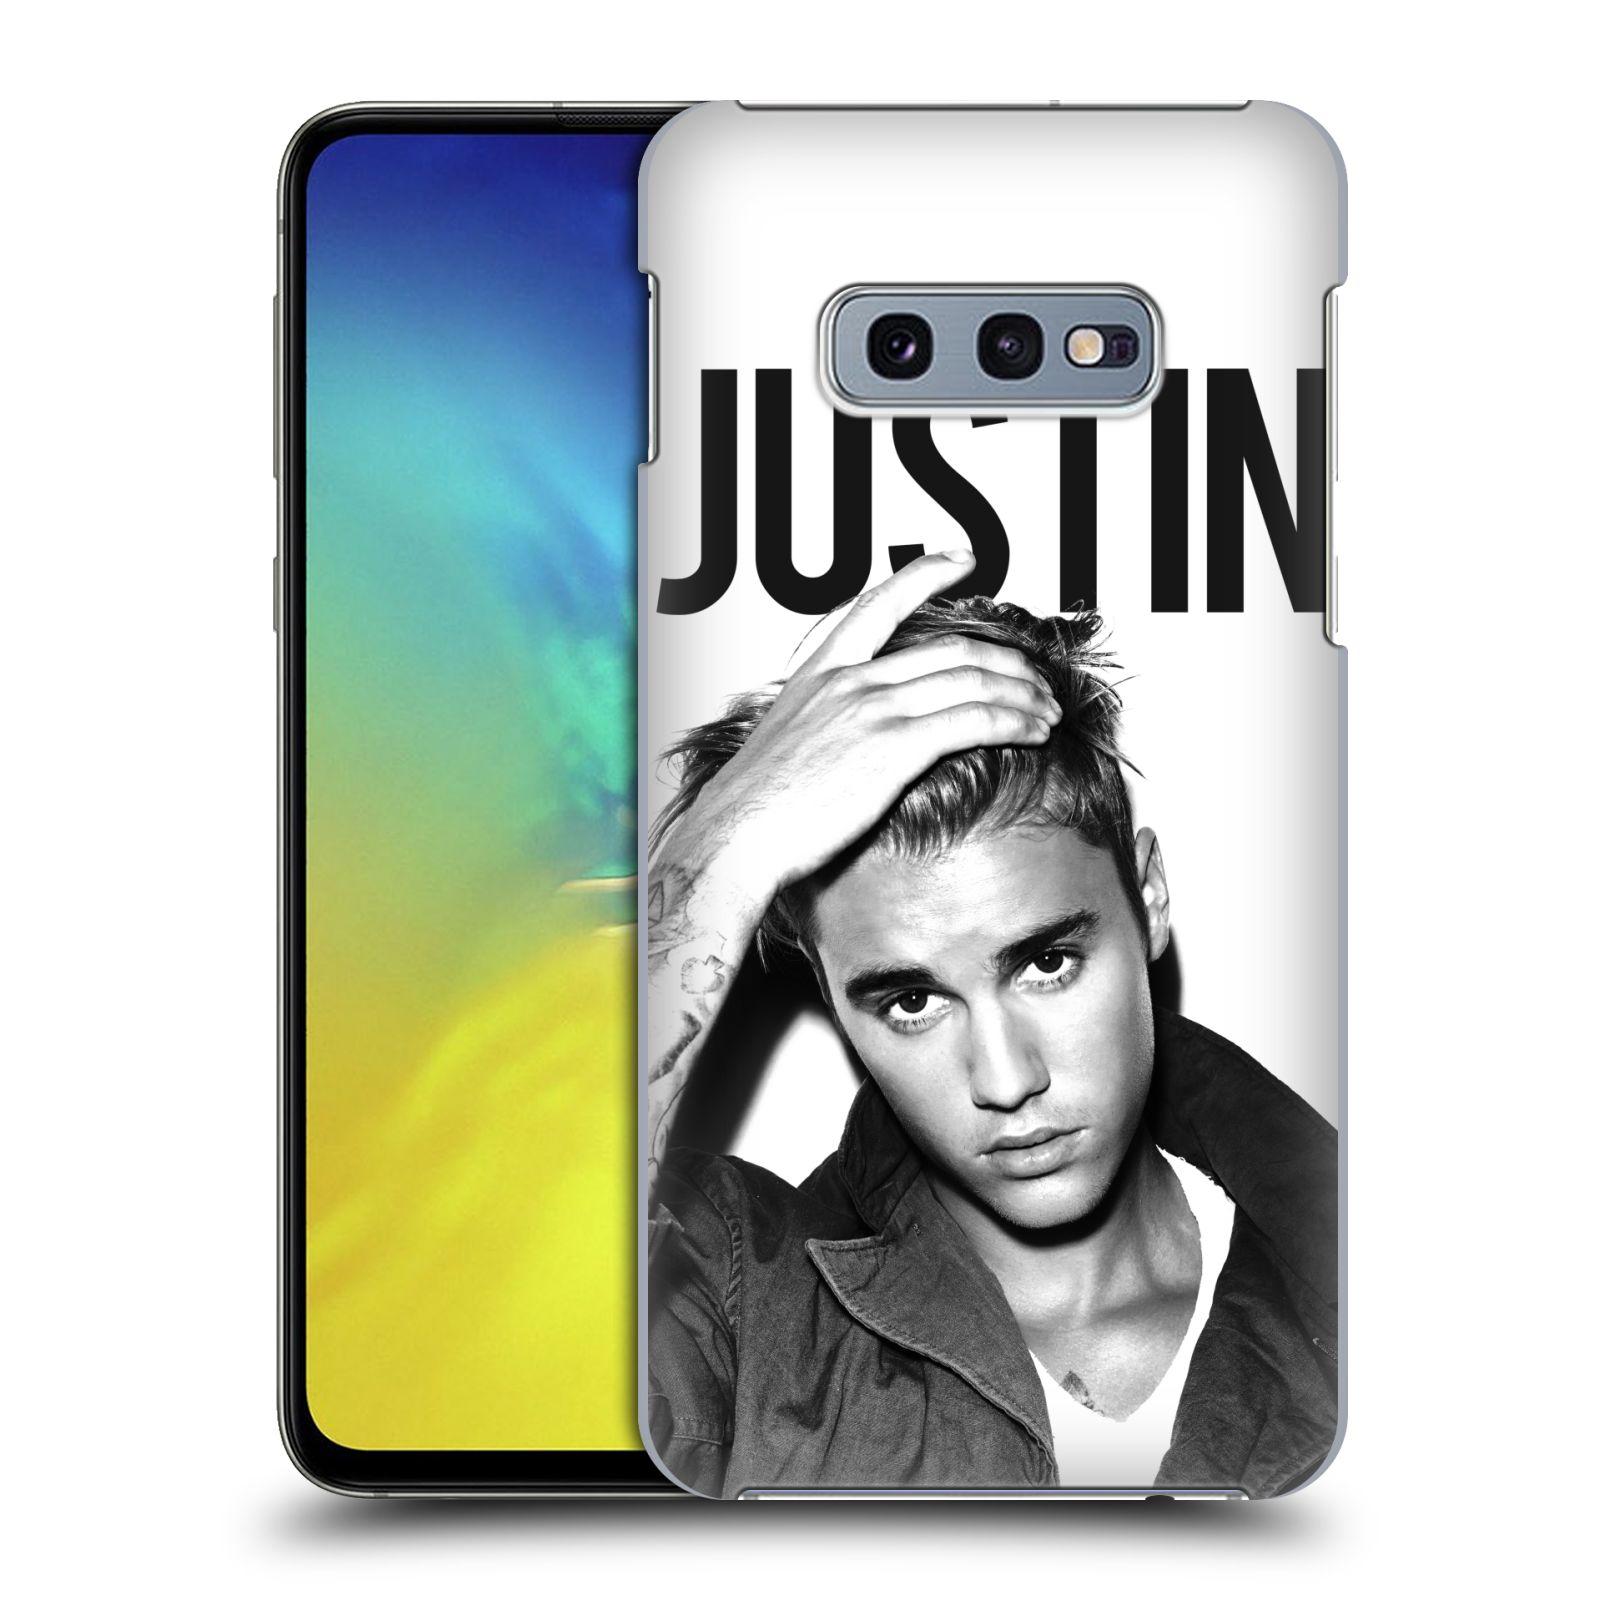 Plastové pouzdro na mobil Samsung Galaxy S10e - Head Case - Justin Bieber Official - Póza